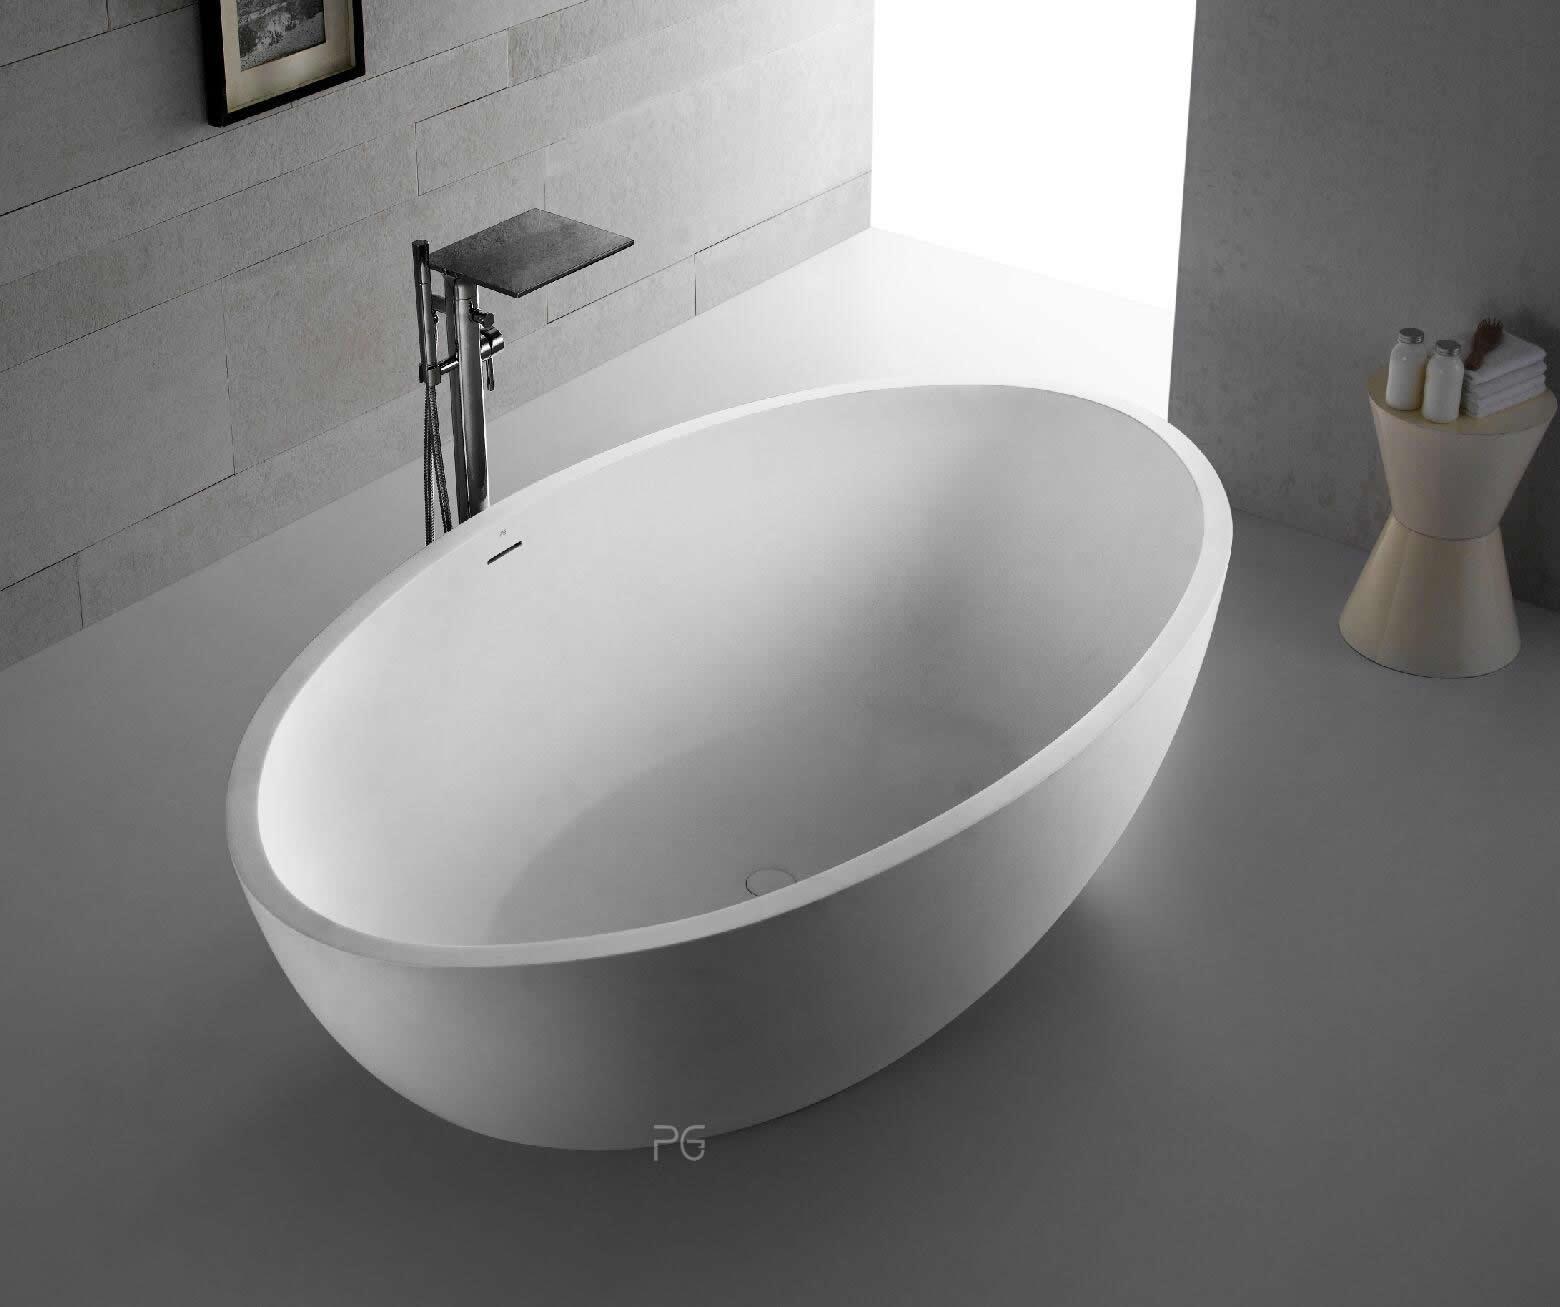 Oval bathtub|Bathtub|Basin|Bathtub faucet|PG CASTSTONE